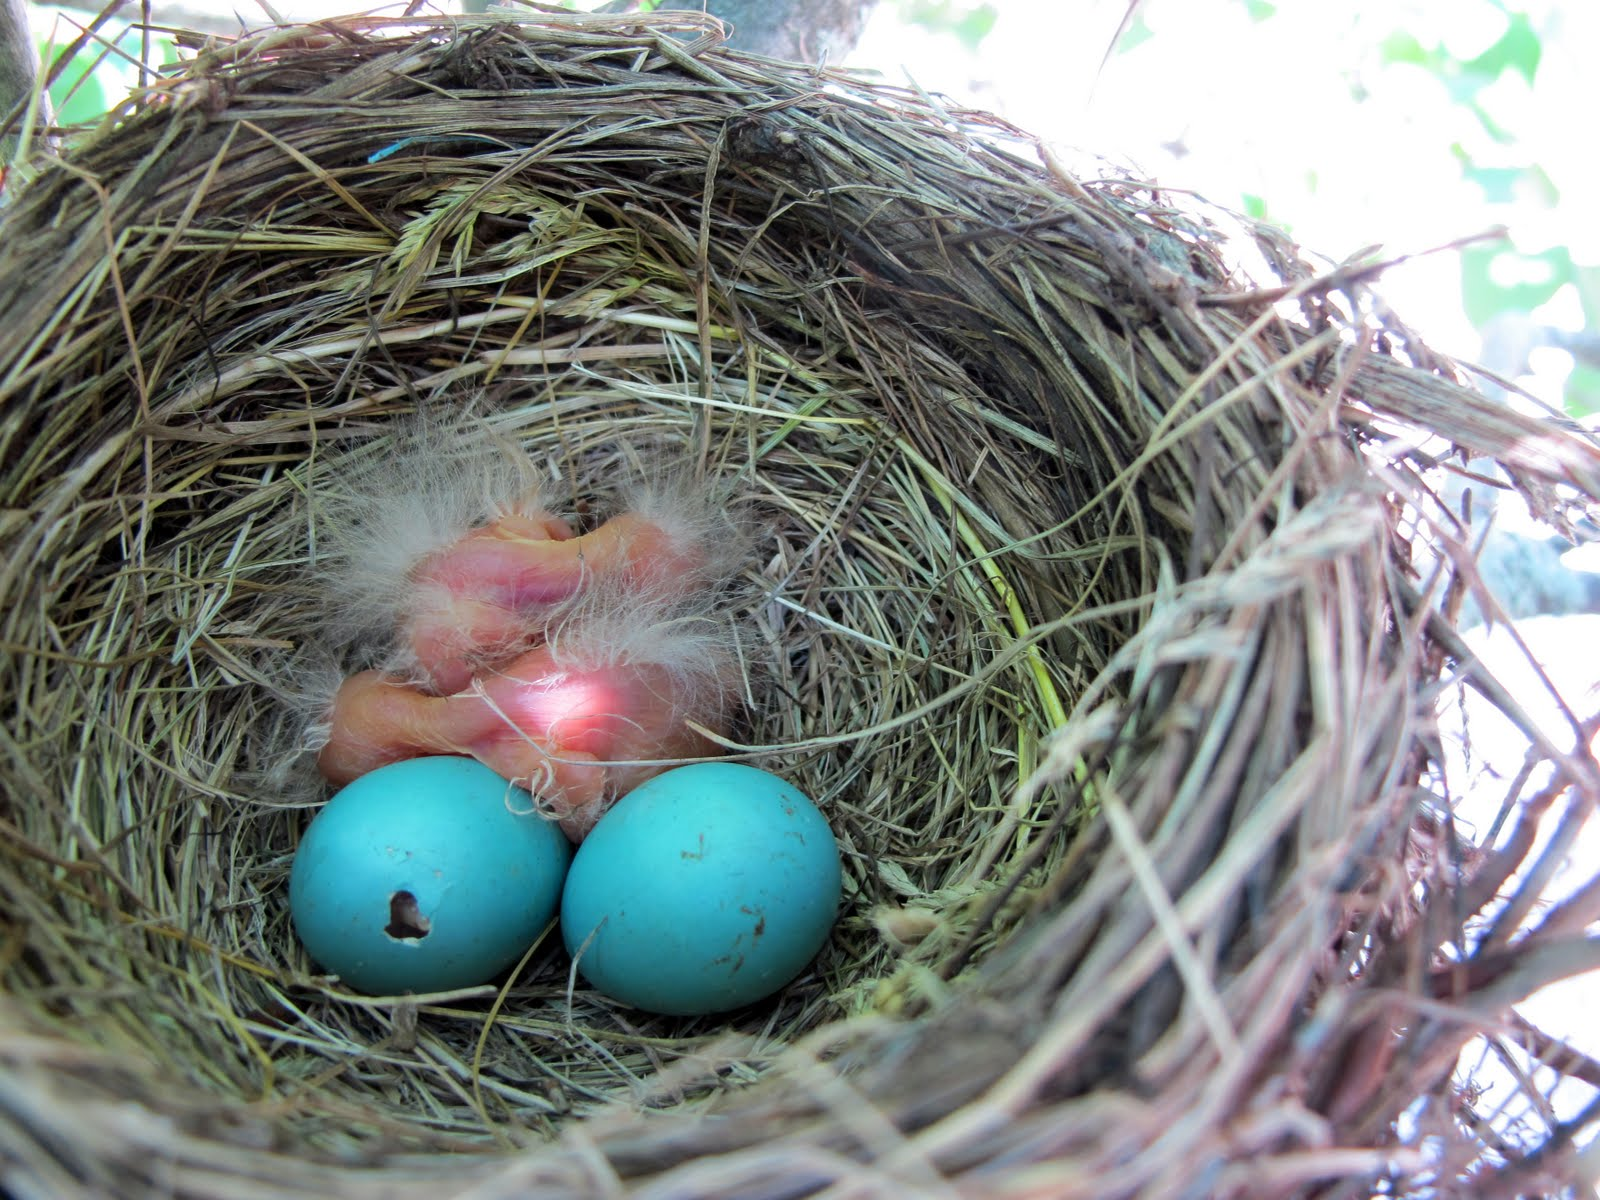 American Robin Eggs - journeynorth.org